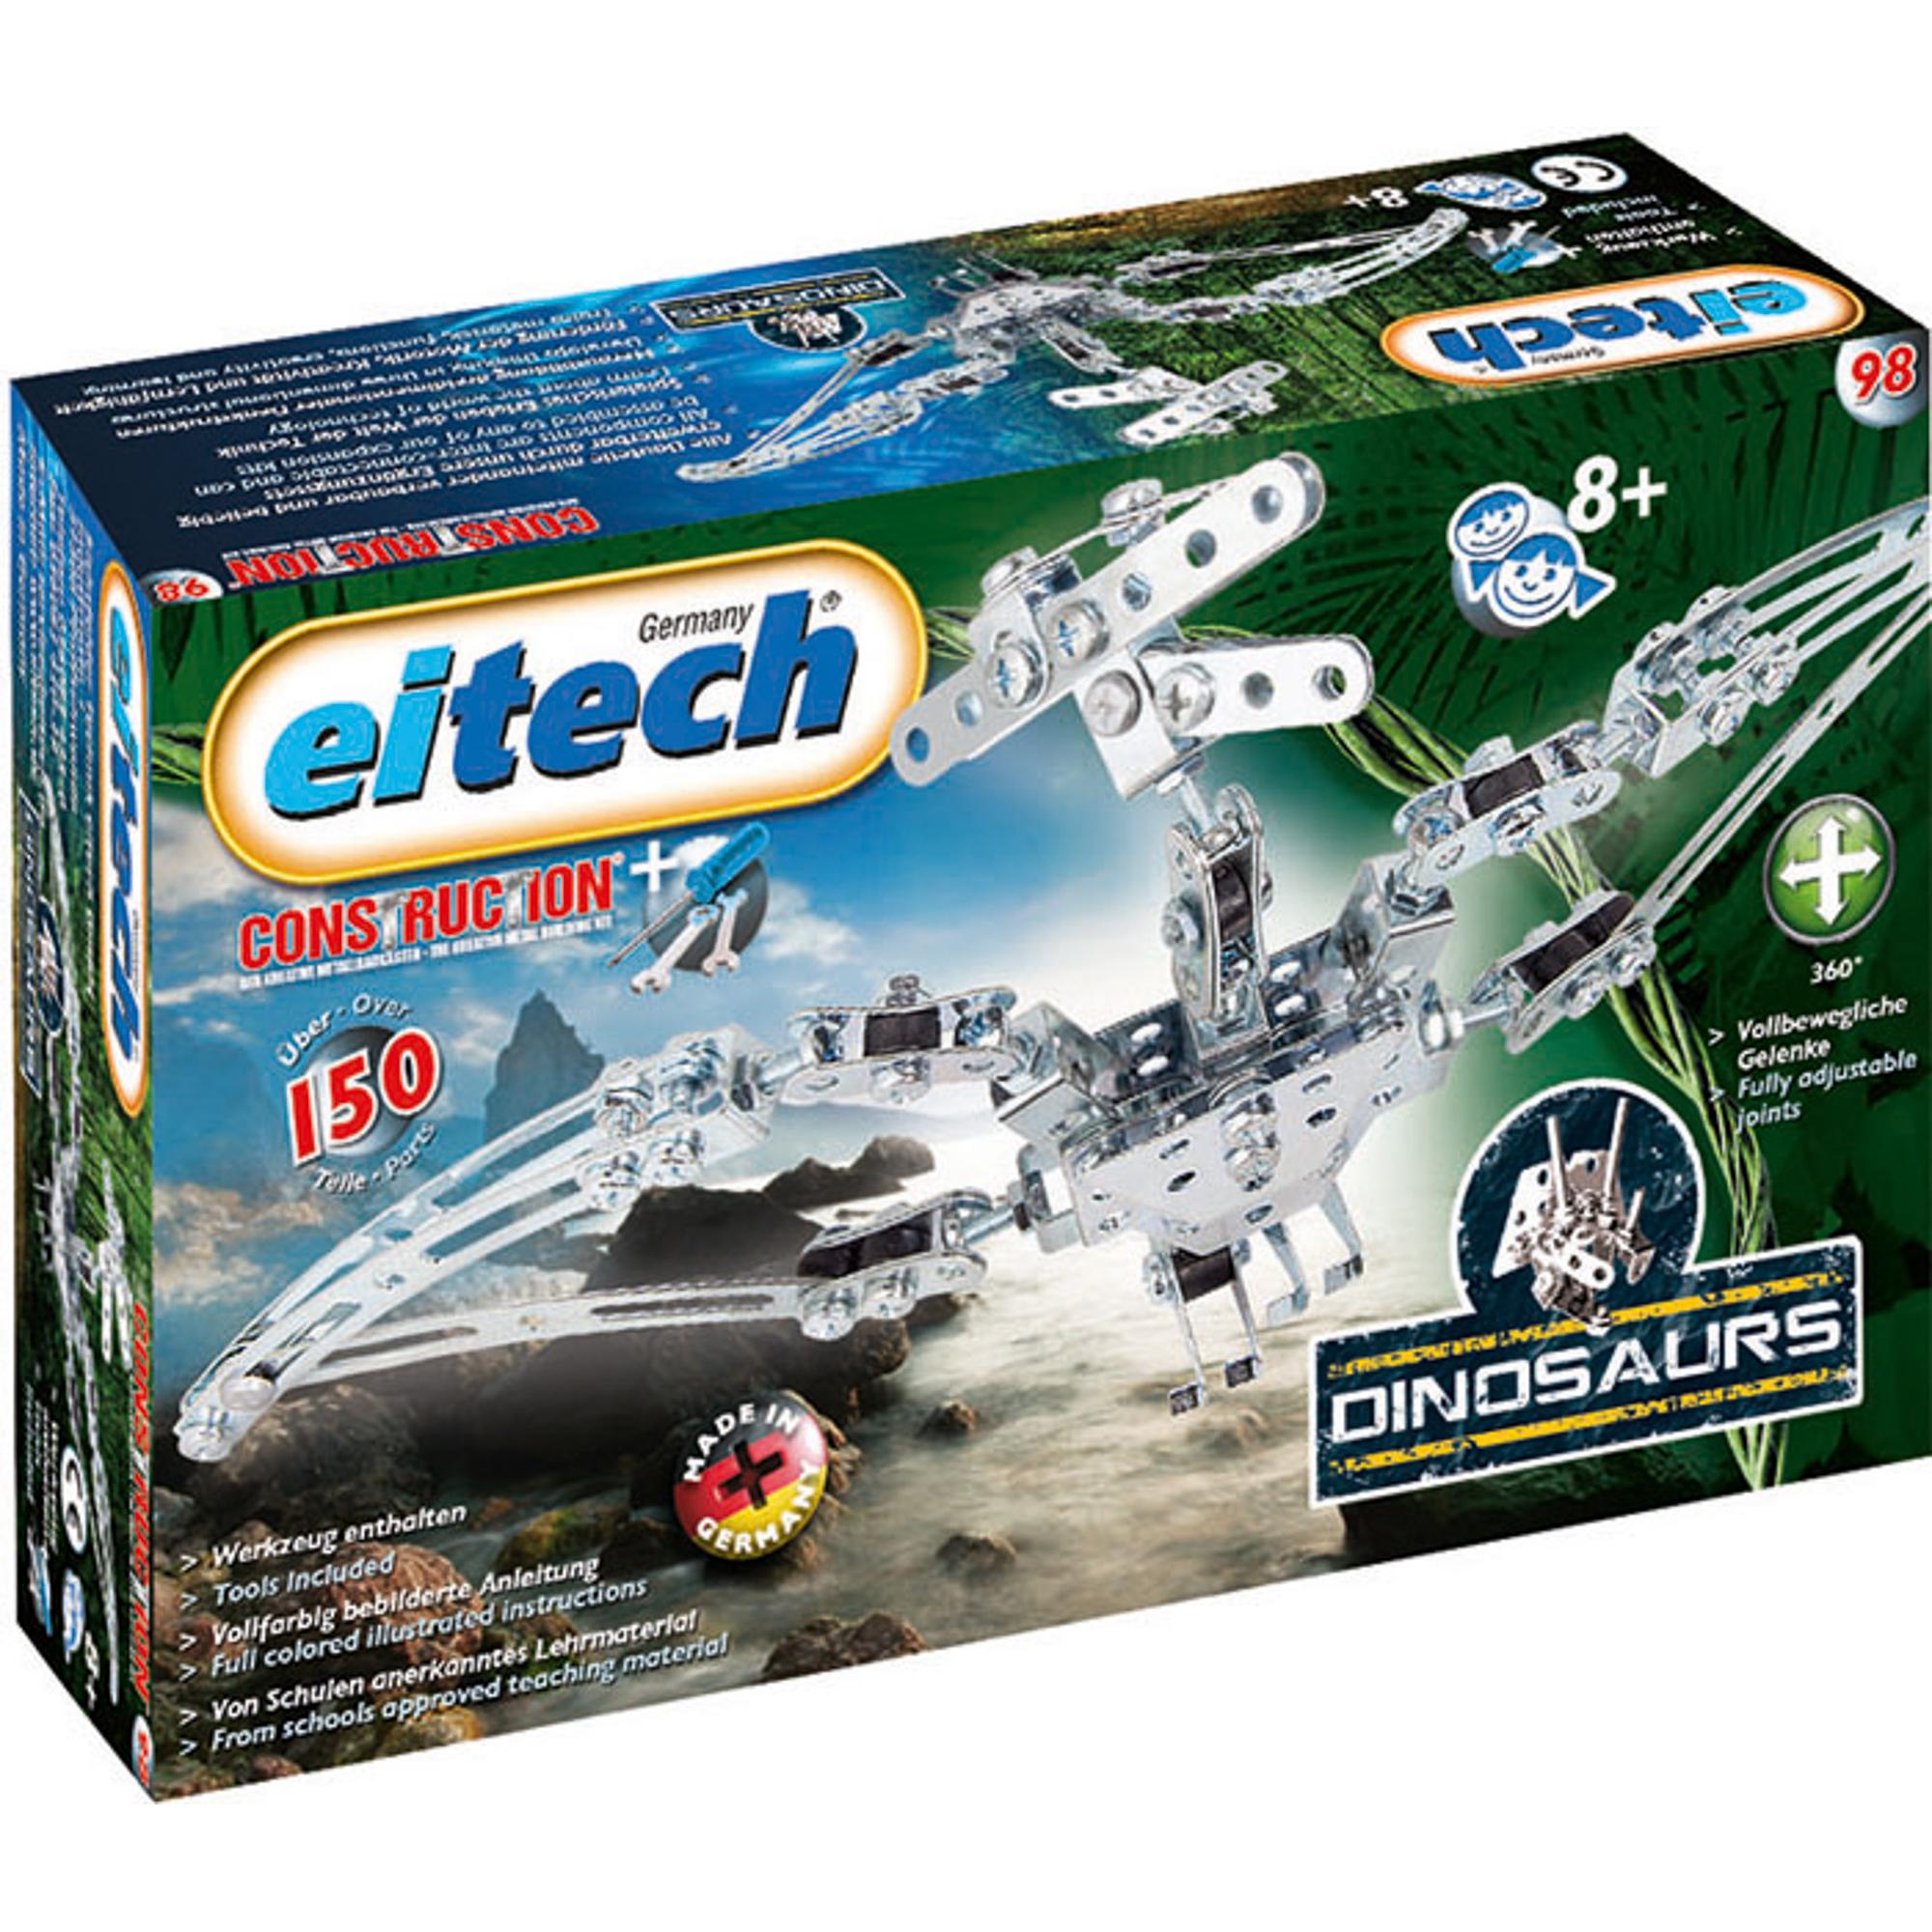 Купить Конструктор Eitech Птеродактиль 98, Германия, металл, универсальный, Конструкторы, пазлы